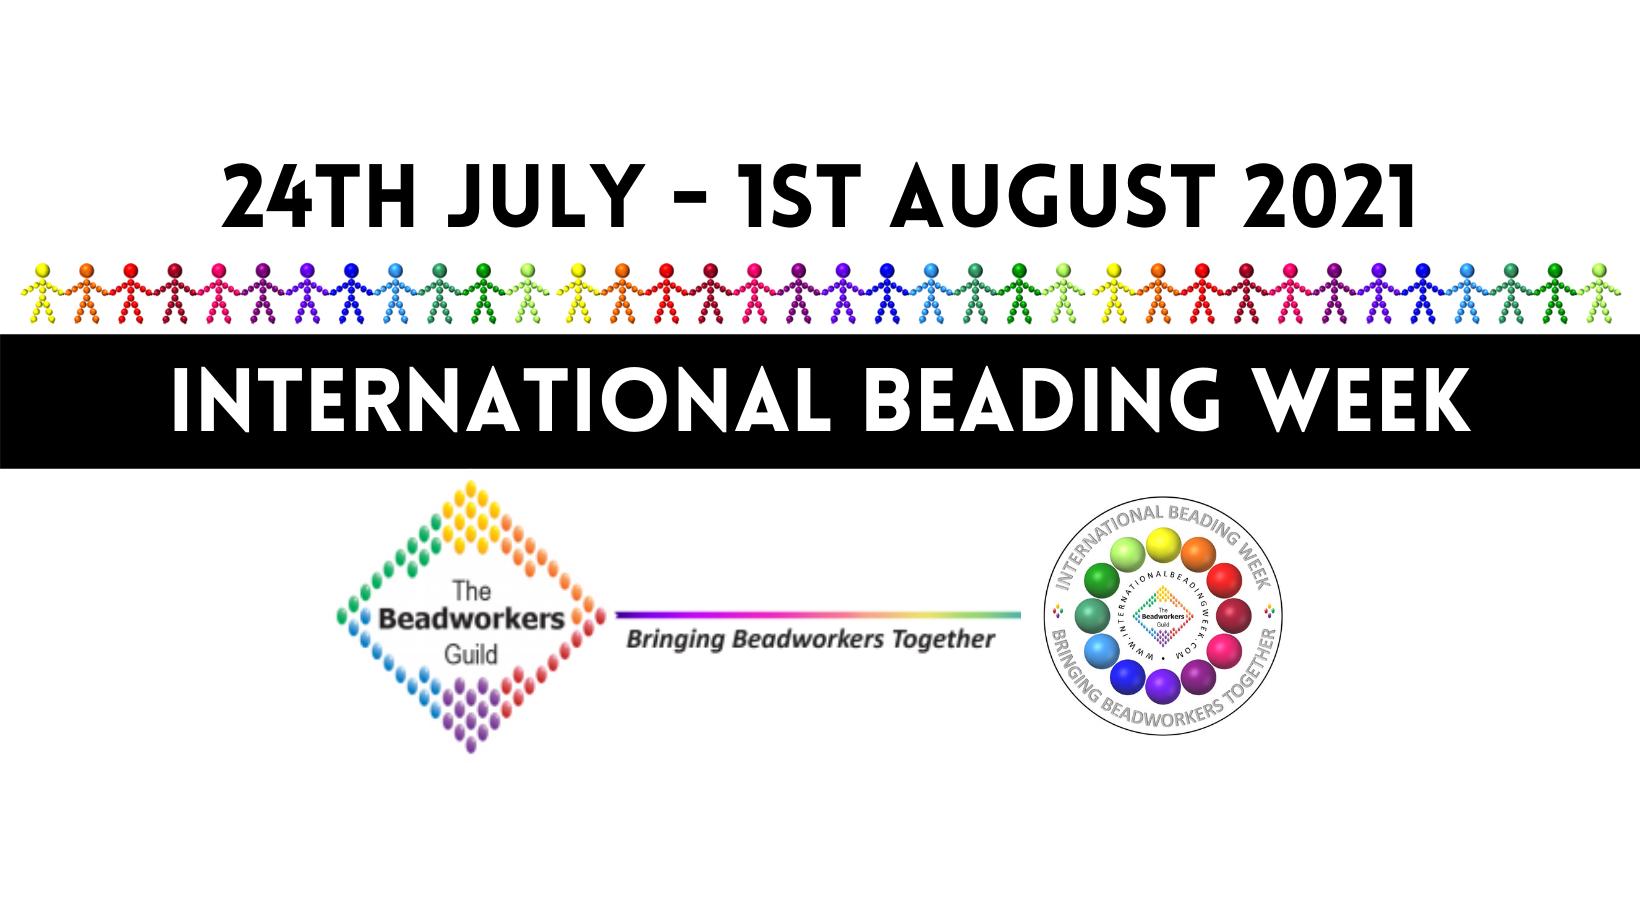 International Beading Week